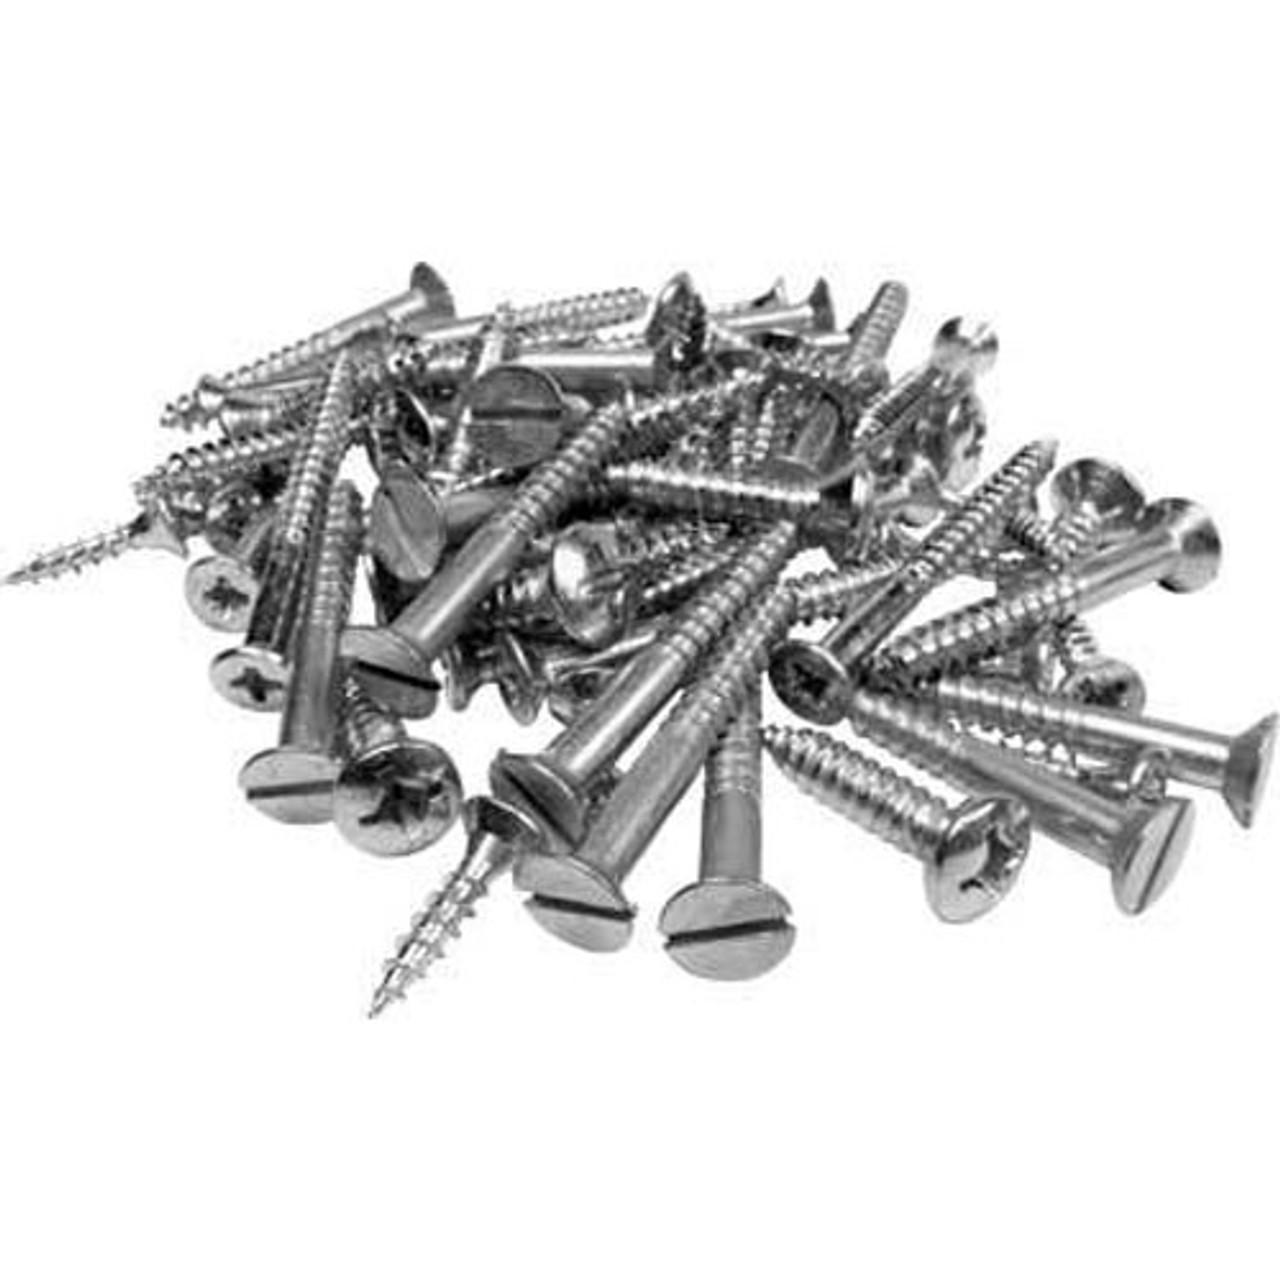 050140 Von Duprin screw pack